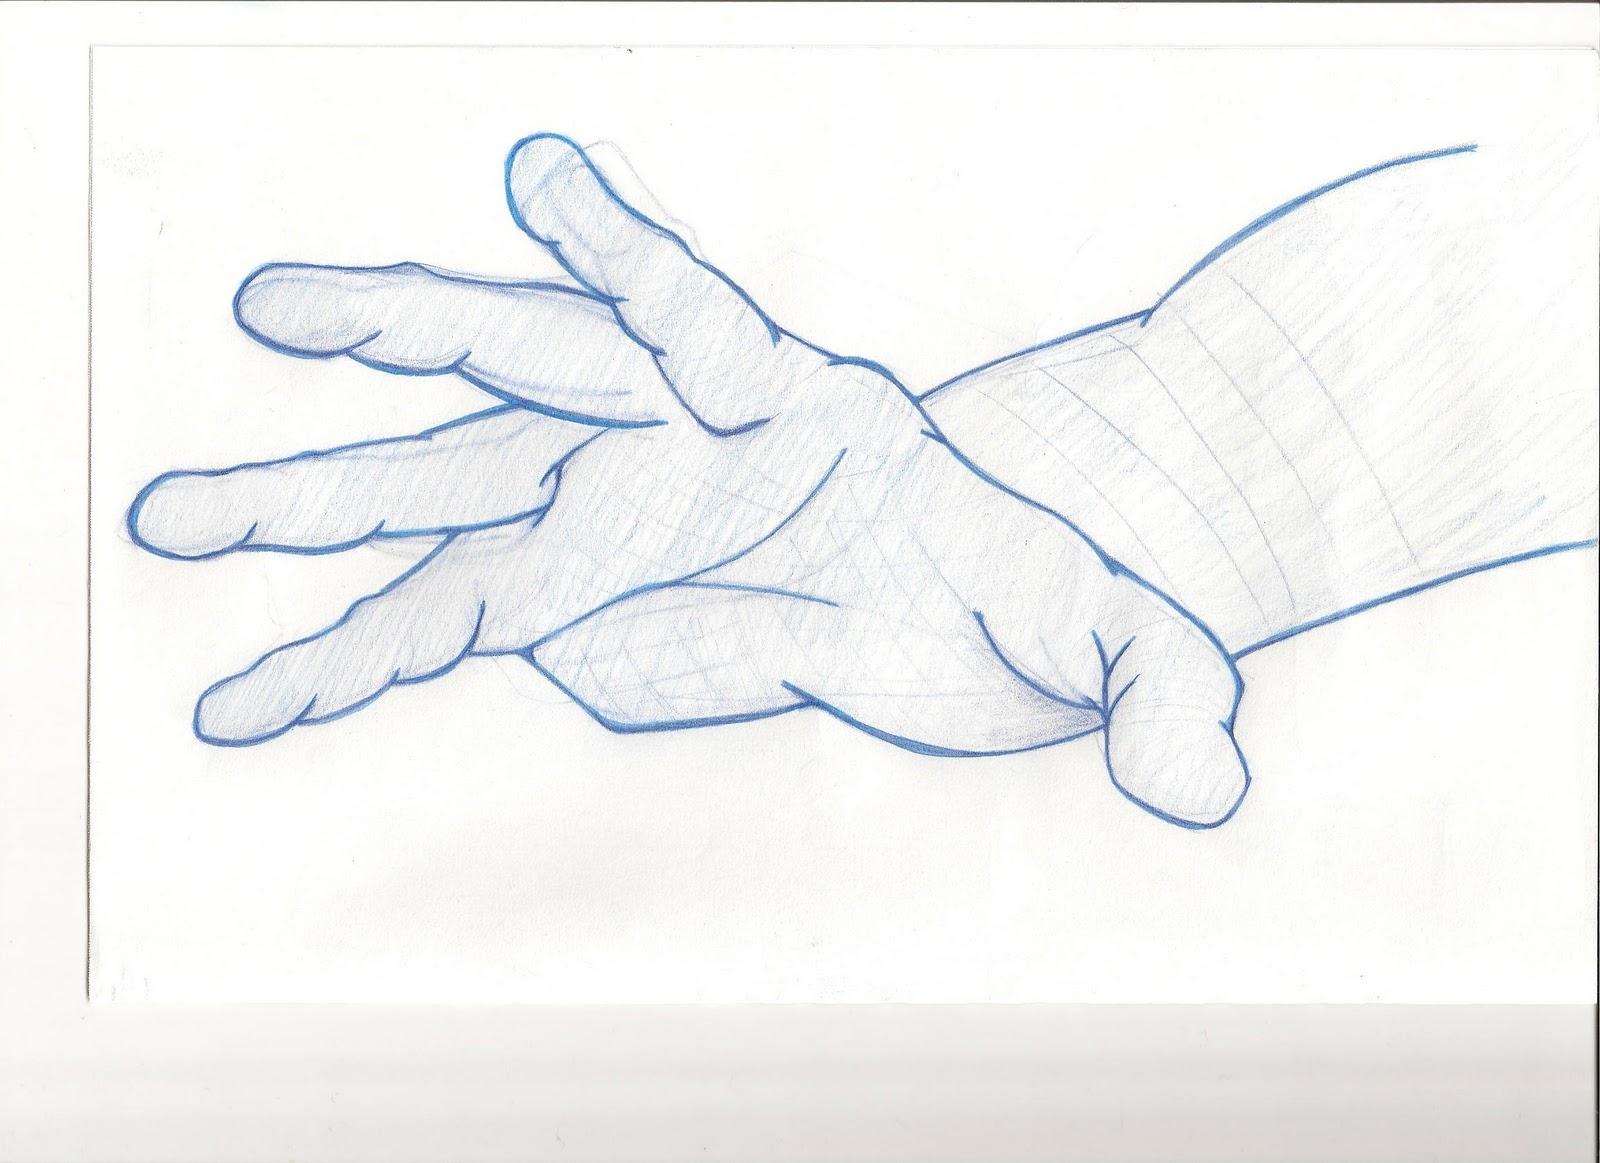 Raphael boucher dessins mains cartoon 3 et de 4 doigts ainsi que mains r aliste - Dessin de mains ...